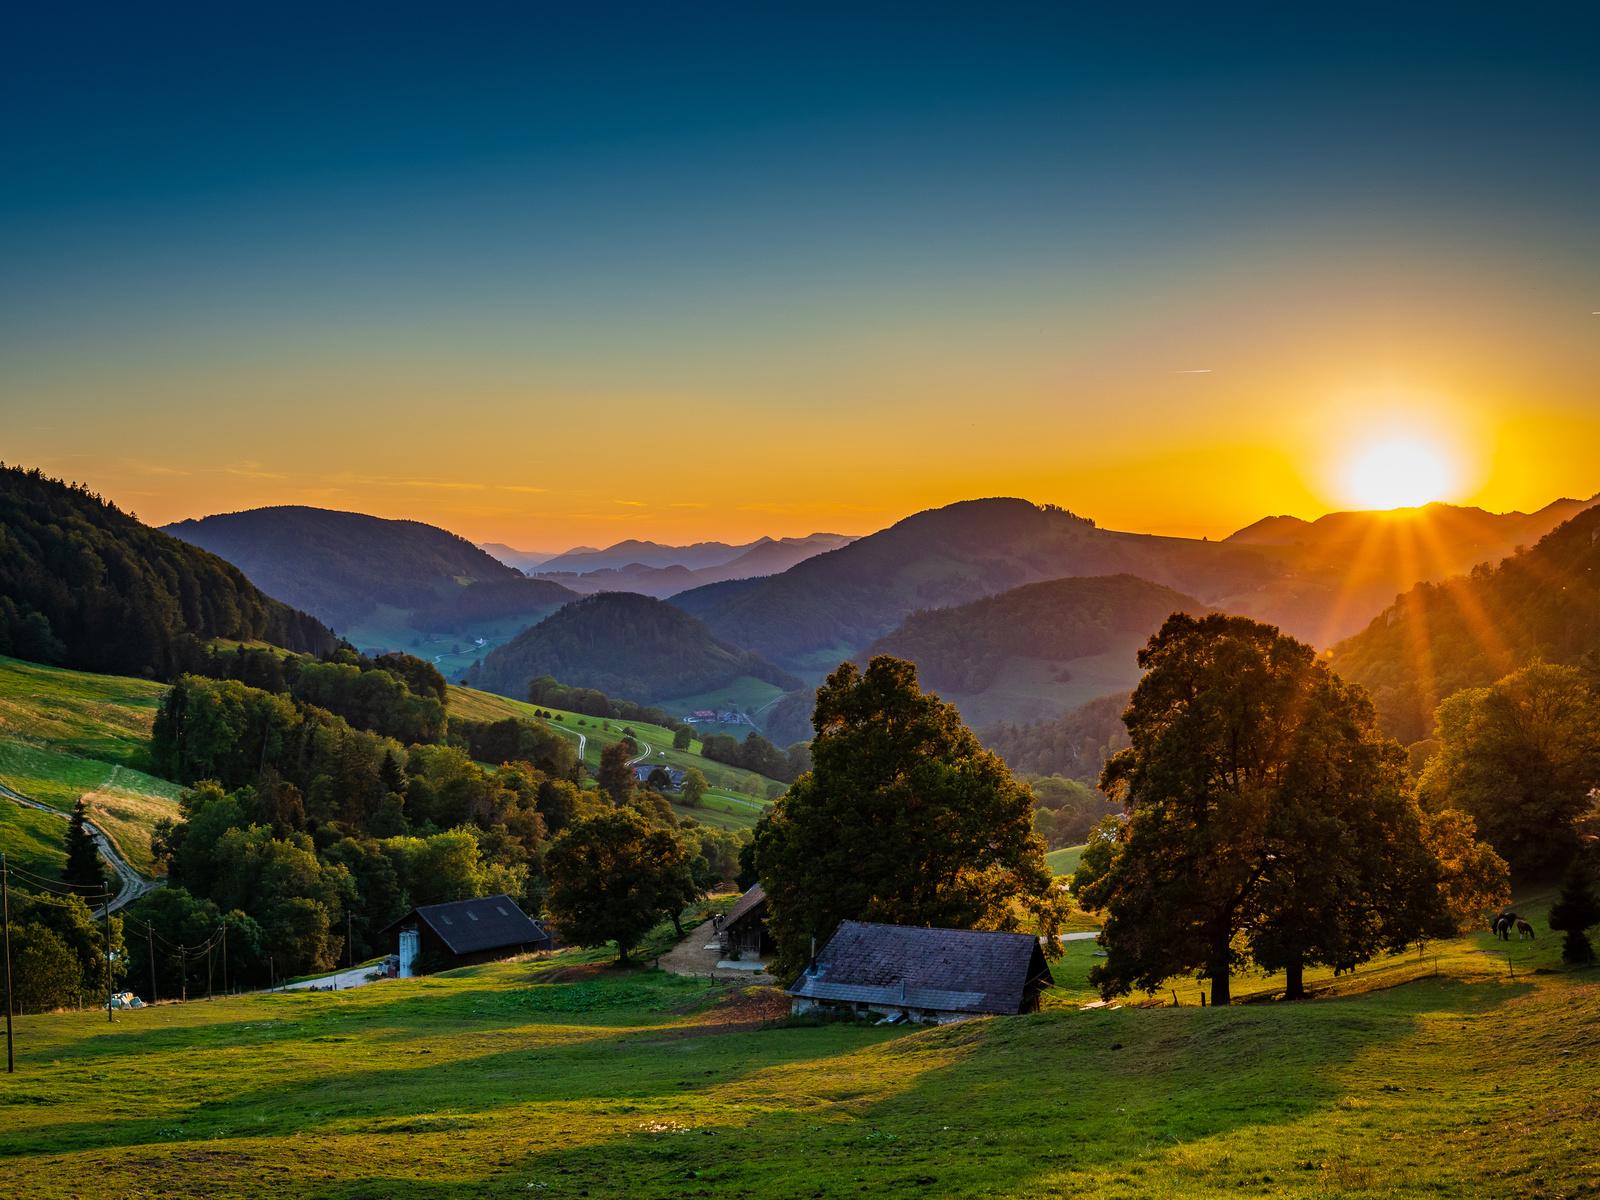 германия, горы, домики, landscape belchen, солнце, деревья, природа